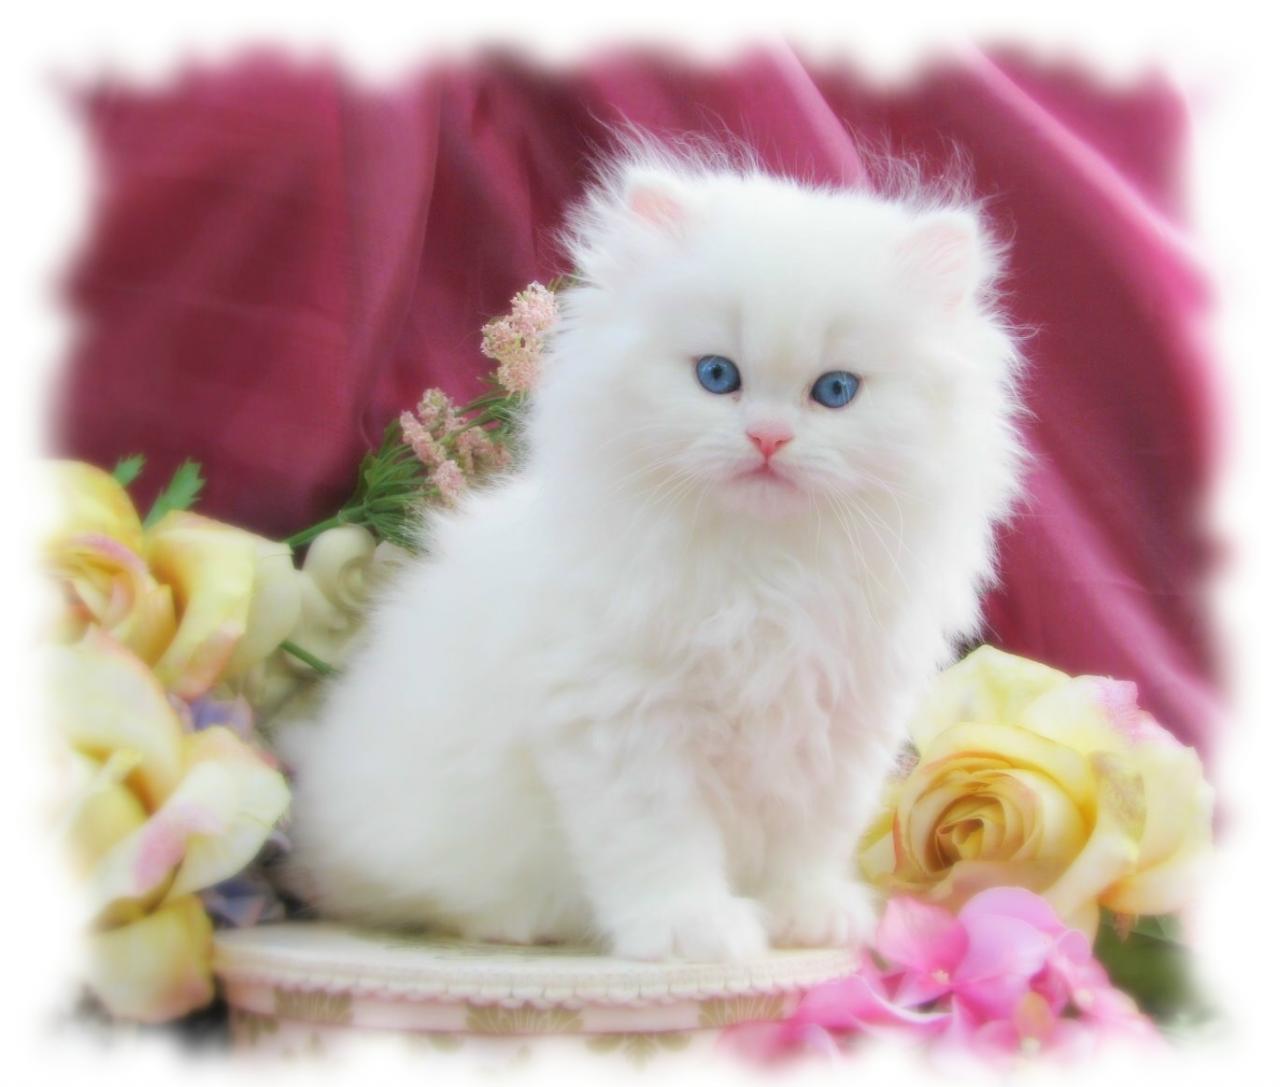 صور صور قطط متحركة , القطط اجمل الحيوانات الاليفه و اروعها